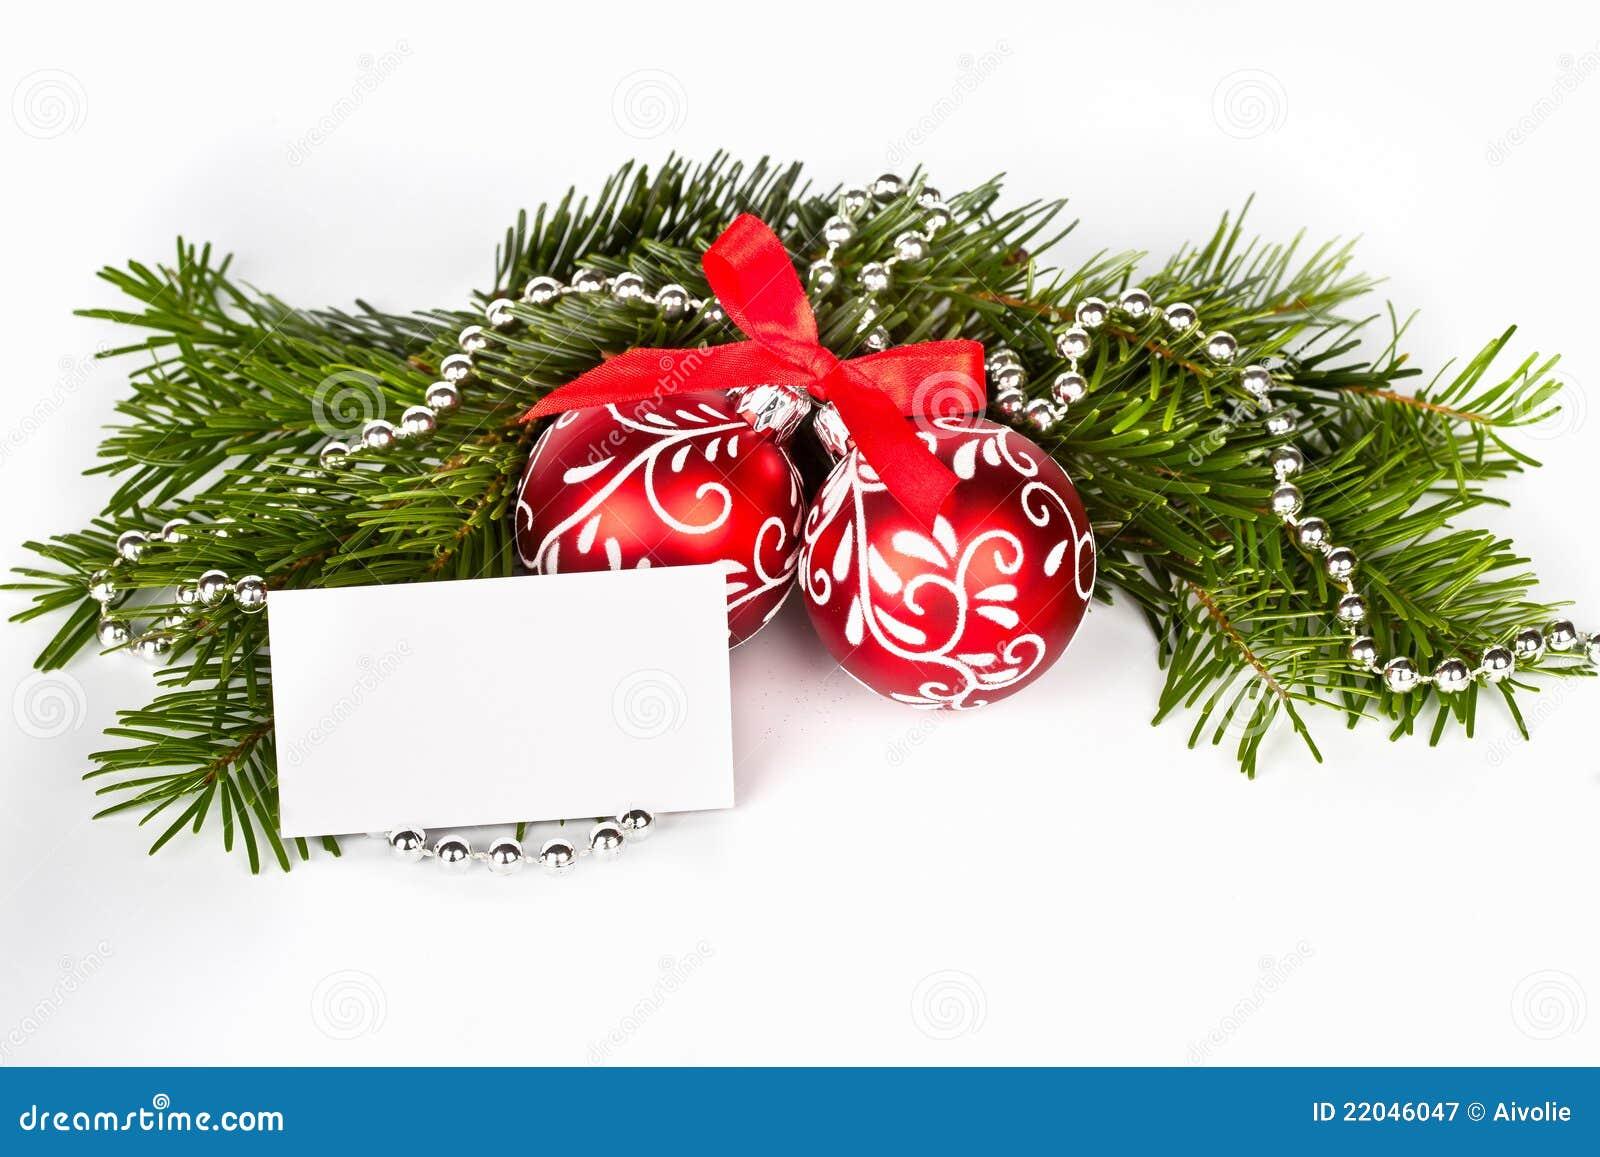 weihnachtsbaum mit roten kugeln und gru karte lizenzfreie. Black Bedroom Furniture Sets. Home Design Ideas